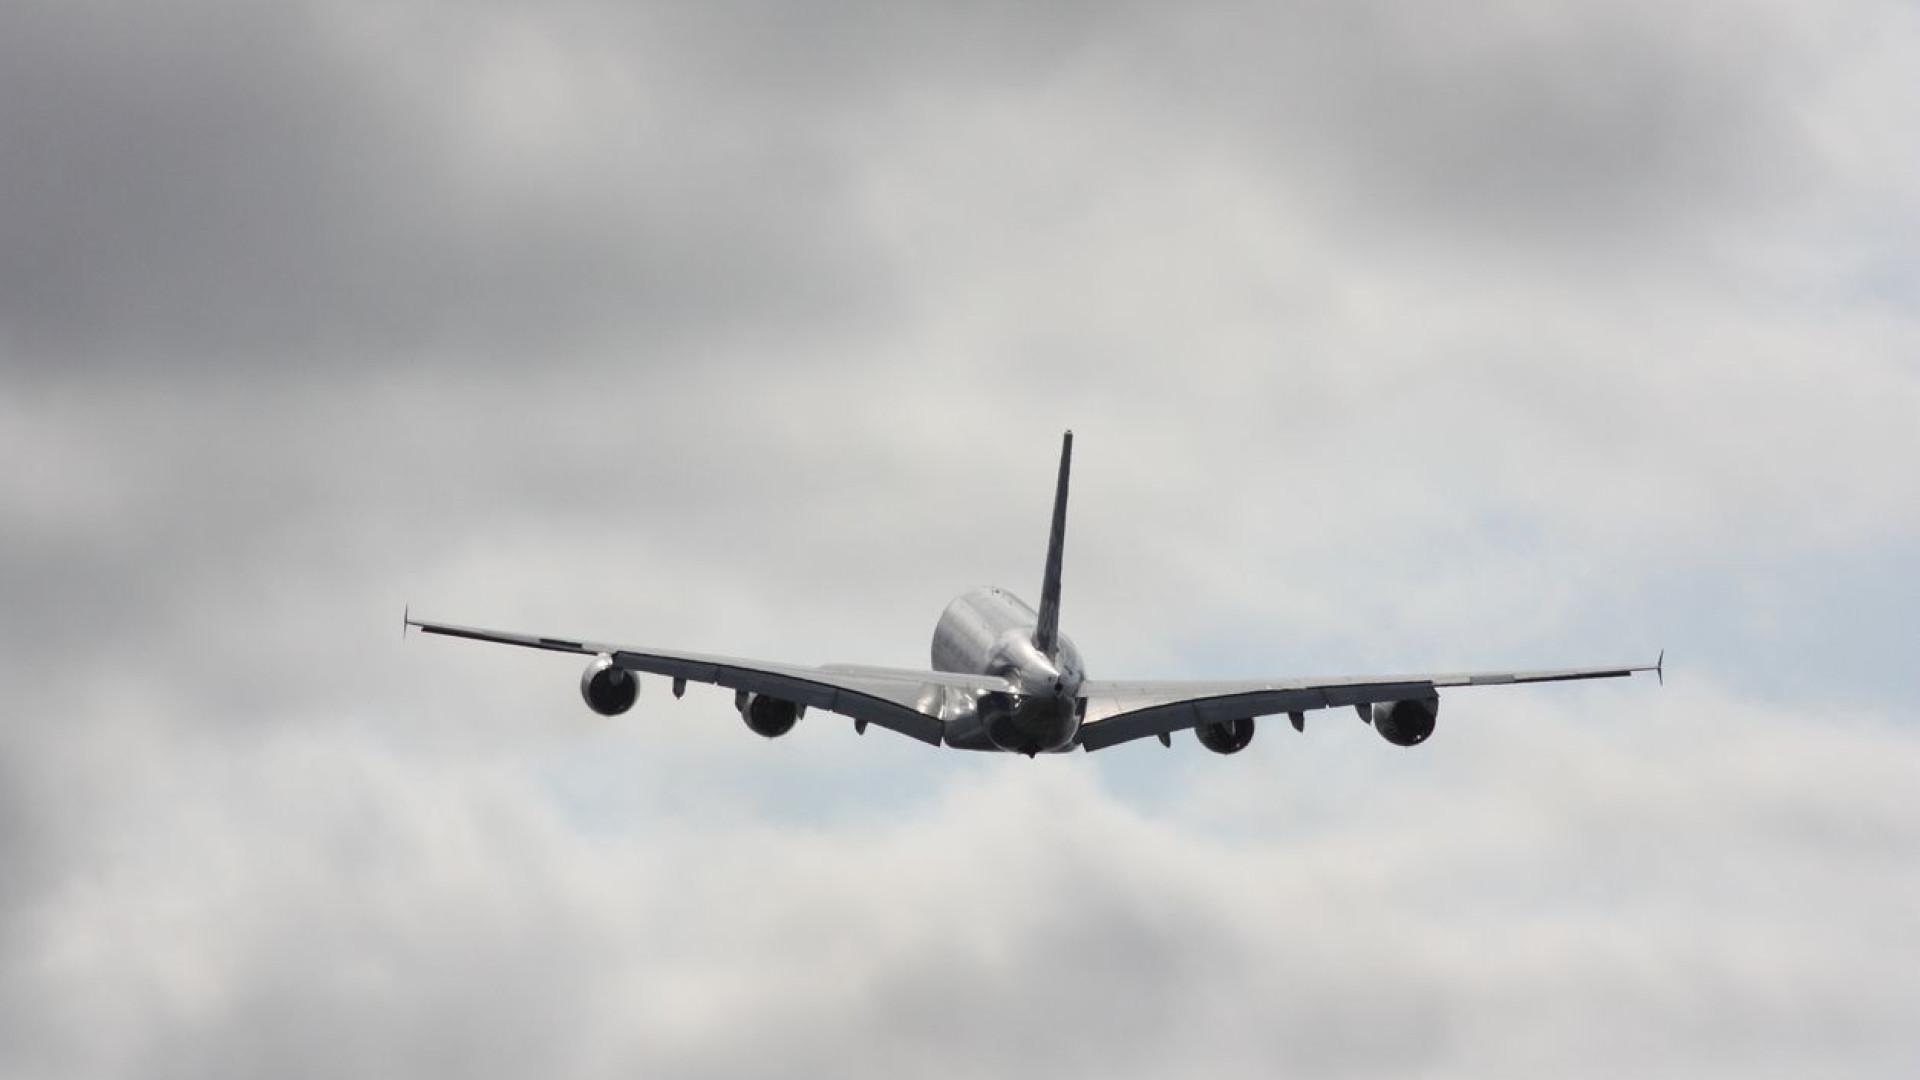 Belfast: Voo colocado em perigo por erro dos pilotos ao inserir dados